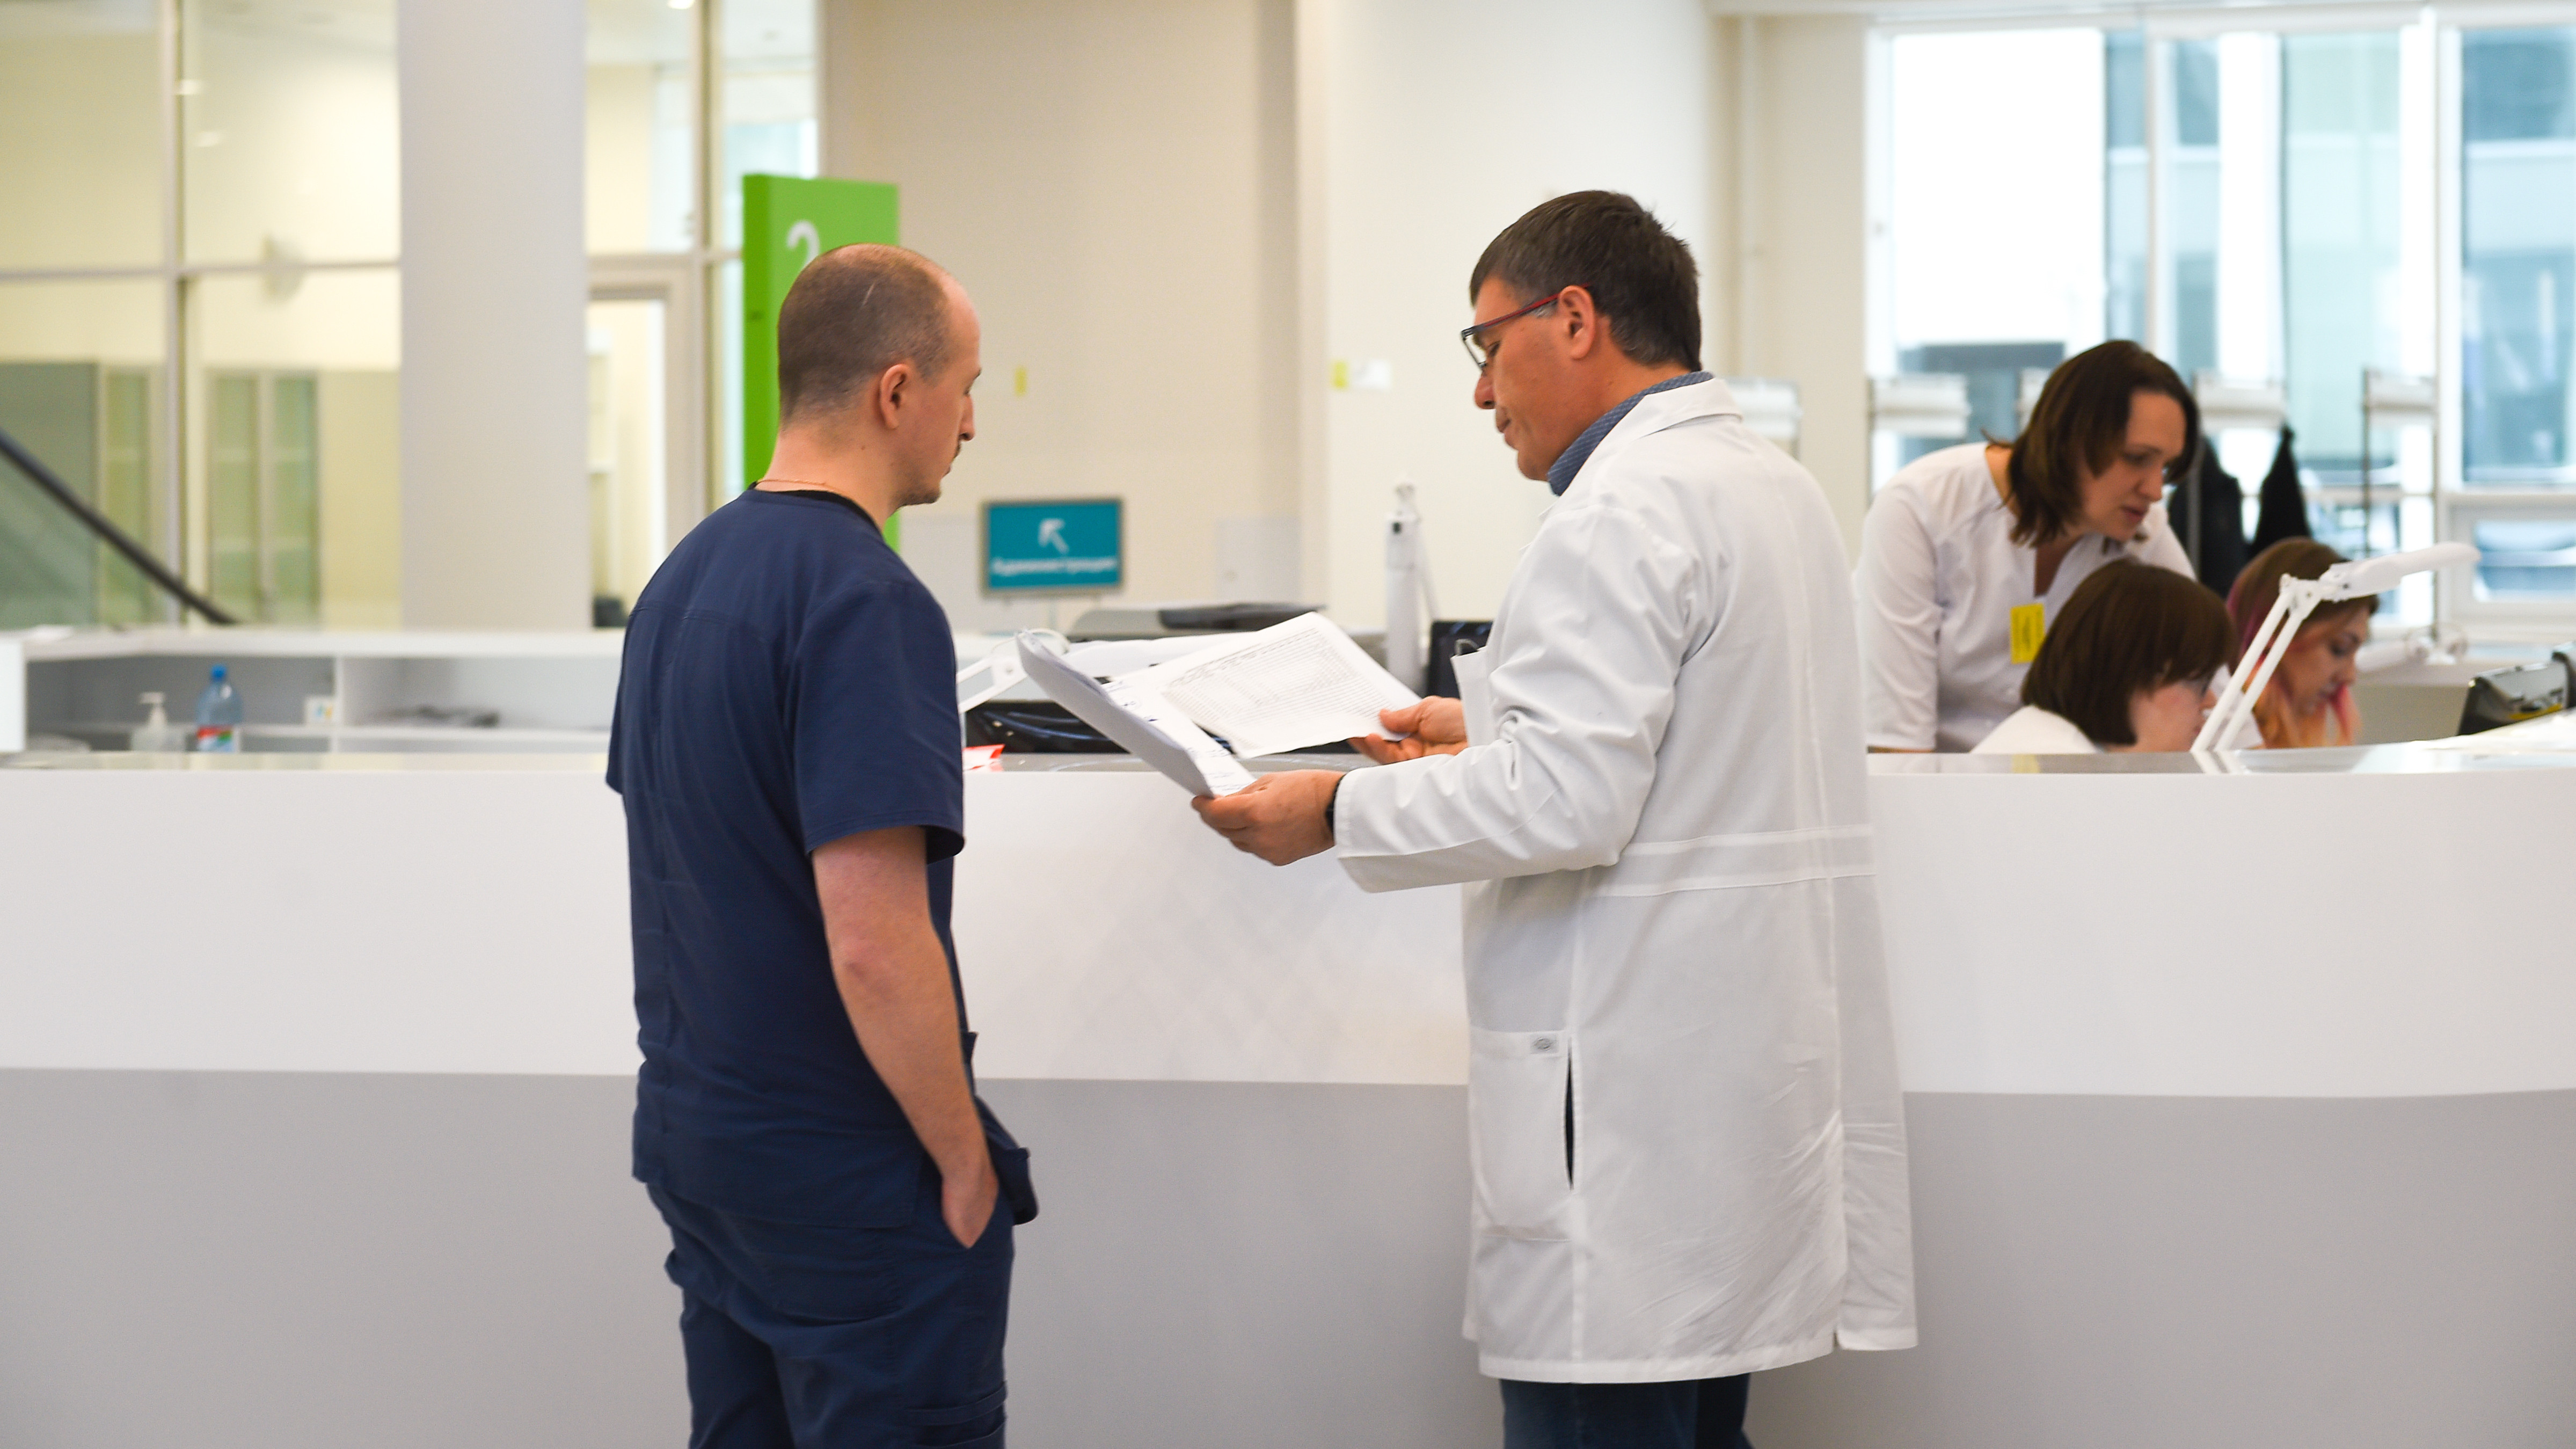 Еще 760 случаев коронавируса выявили в Подмосковье за сутки